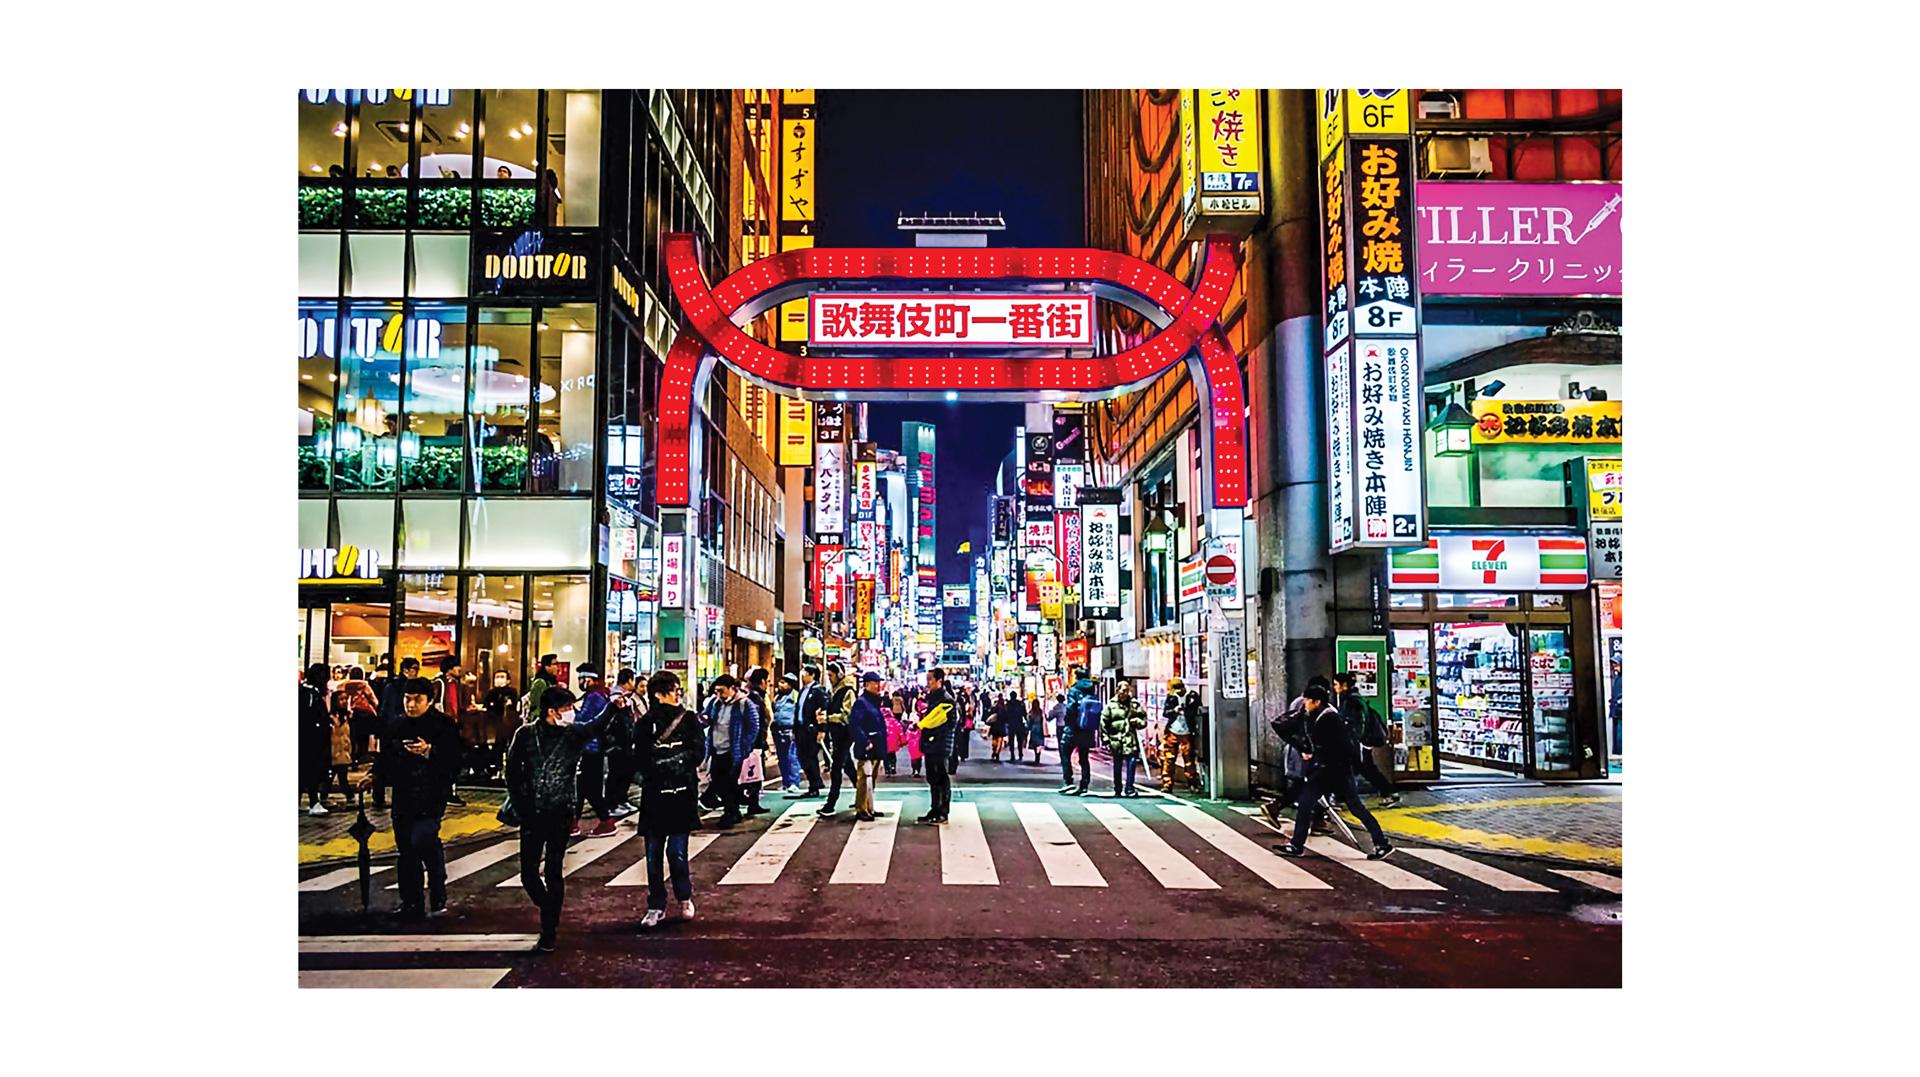 Những khu phố  độc đáo và hiện đại tại Tokyo ảnh 2